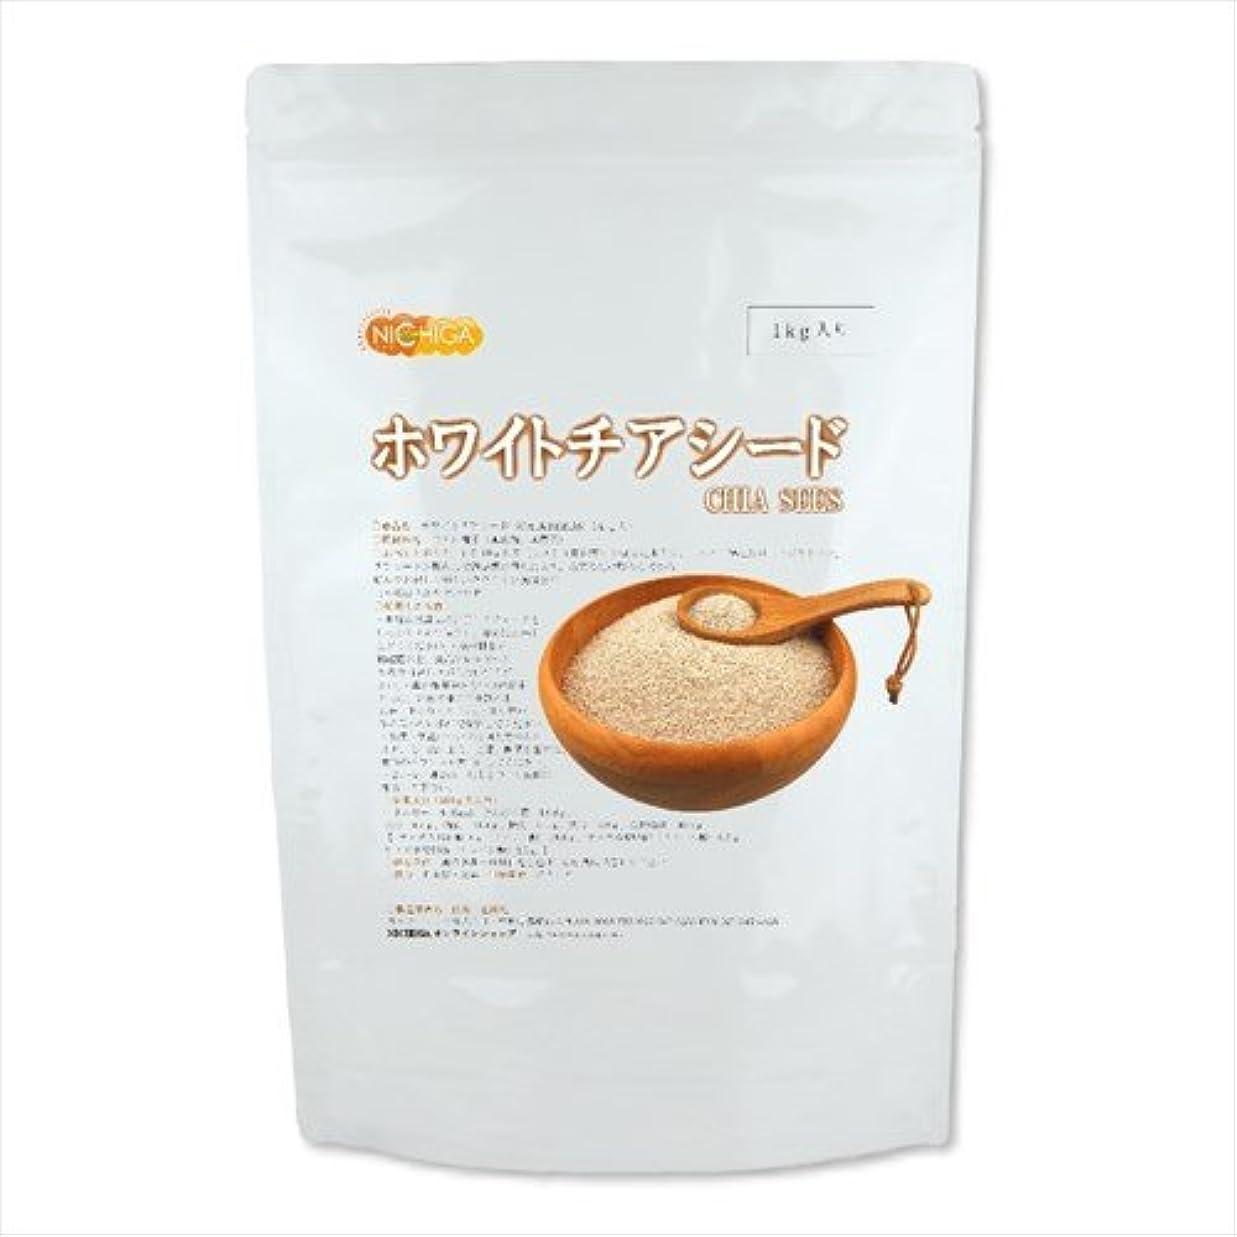 風刺気がついてトランスミッションホワイトチアシード 1kg【CHIASEEDS】[01]食物性最高奇跡の食品 (Miracle foods) 殺菌品 NICHIGA(ニチガ)